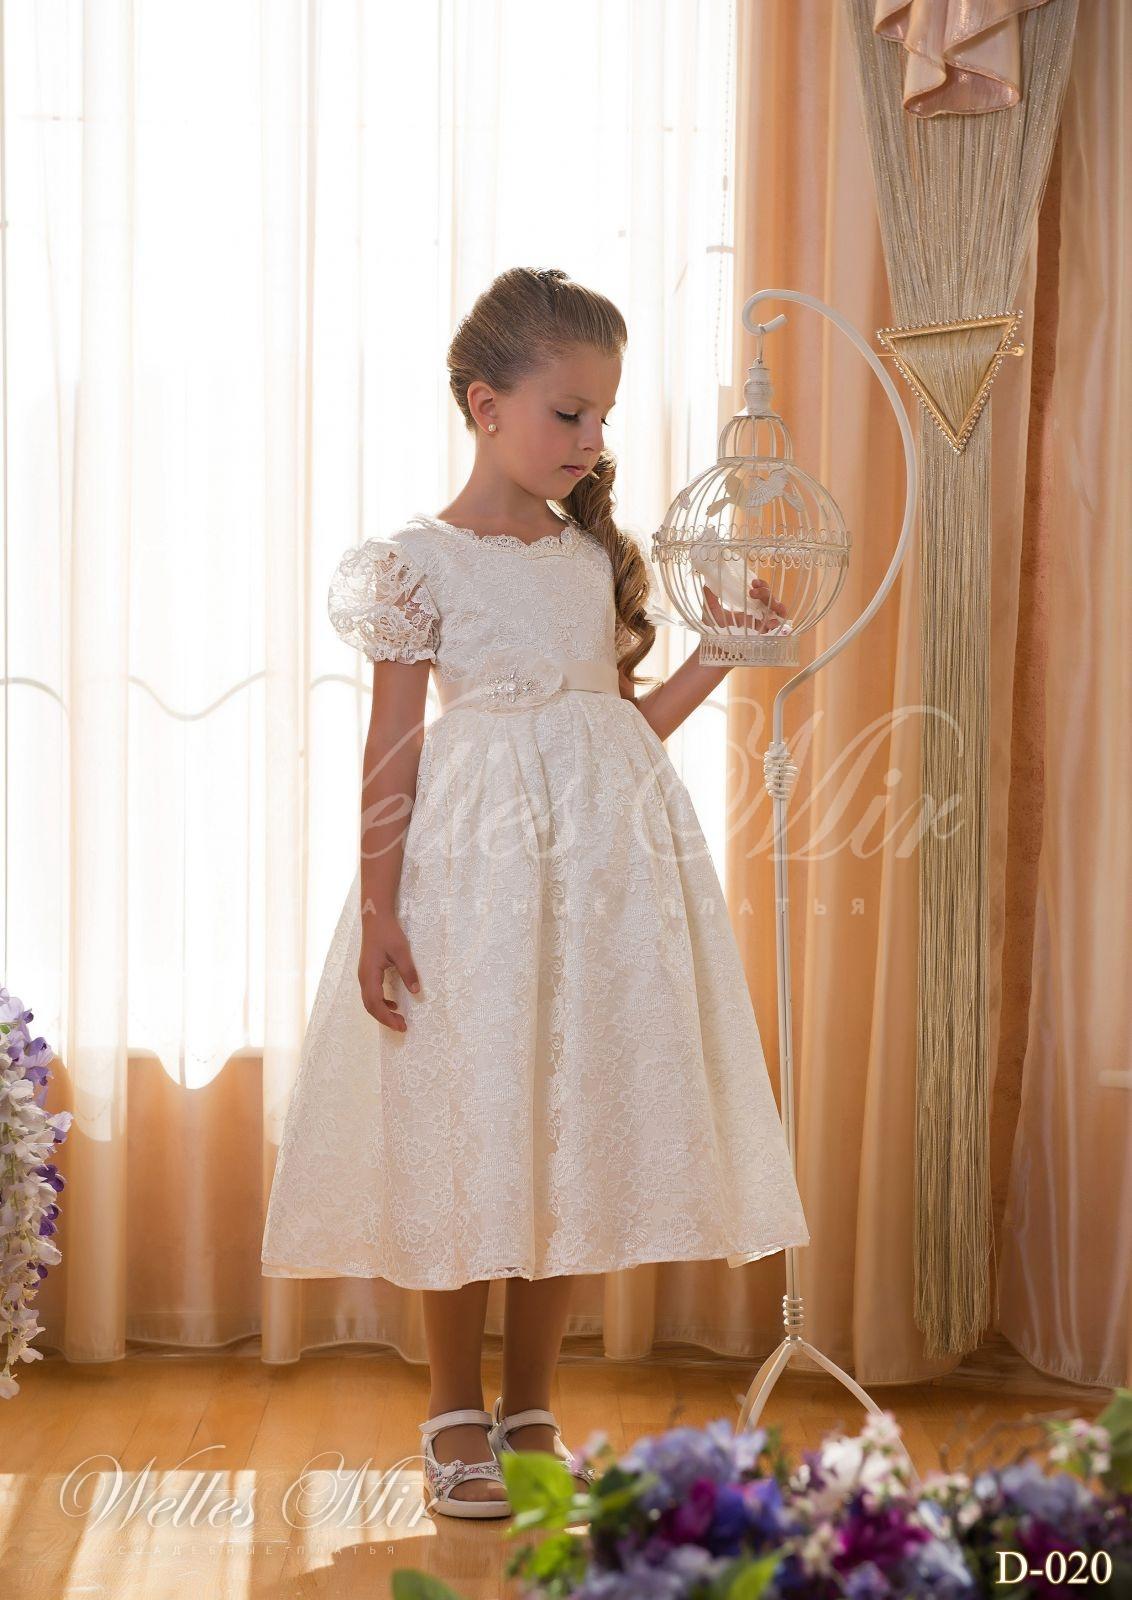 Детские платья Детские платья 2015 - D-020